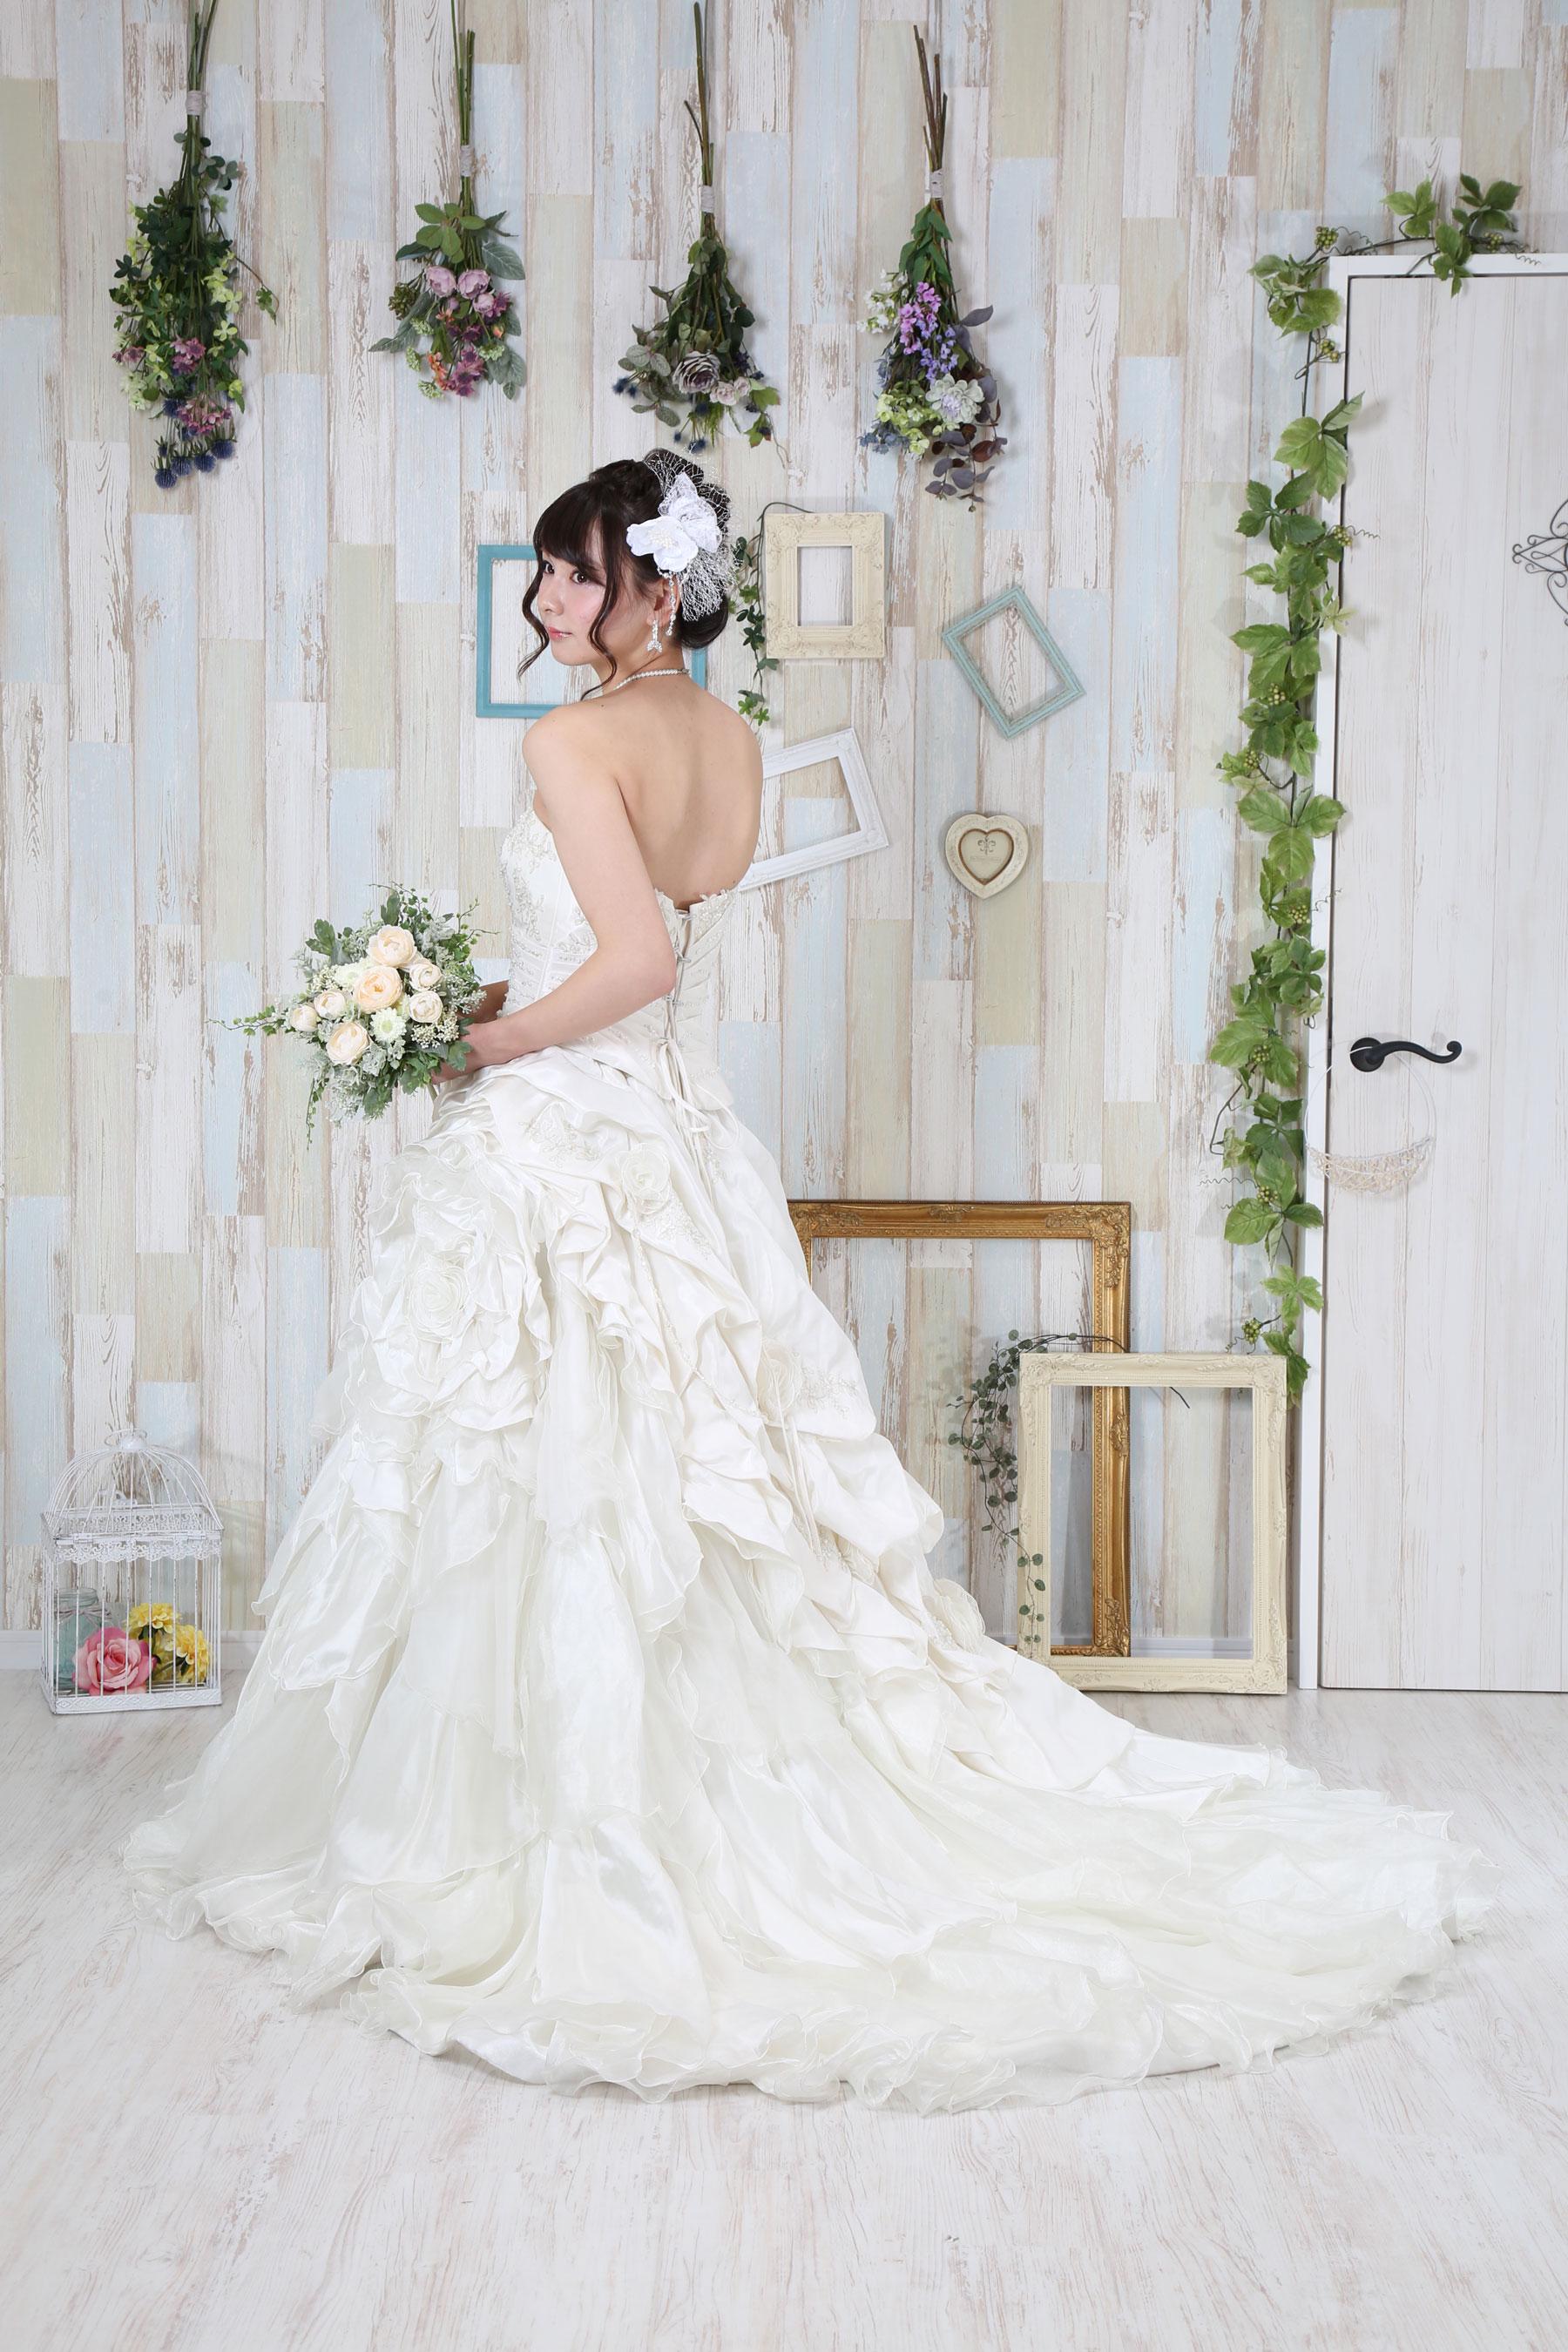 ★20180211-ドレス衣装撮影_109